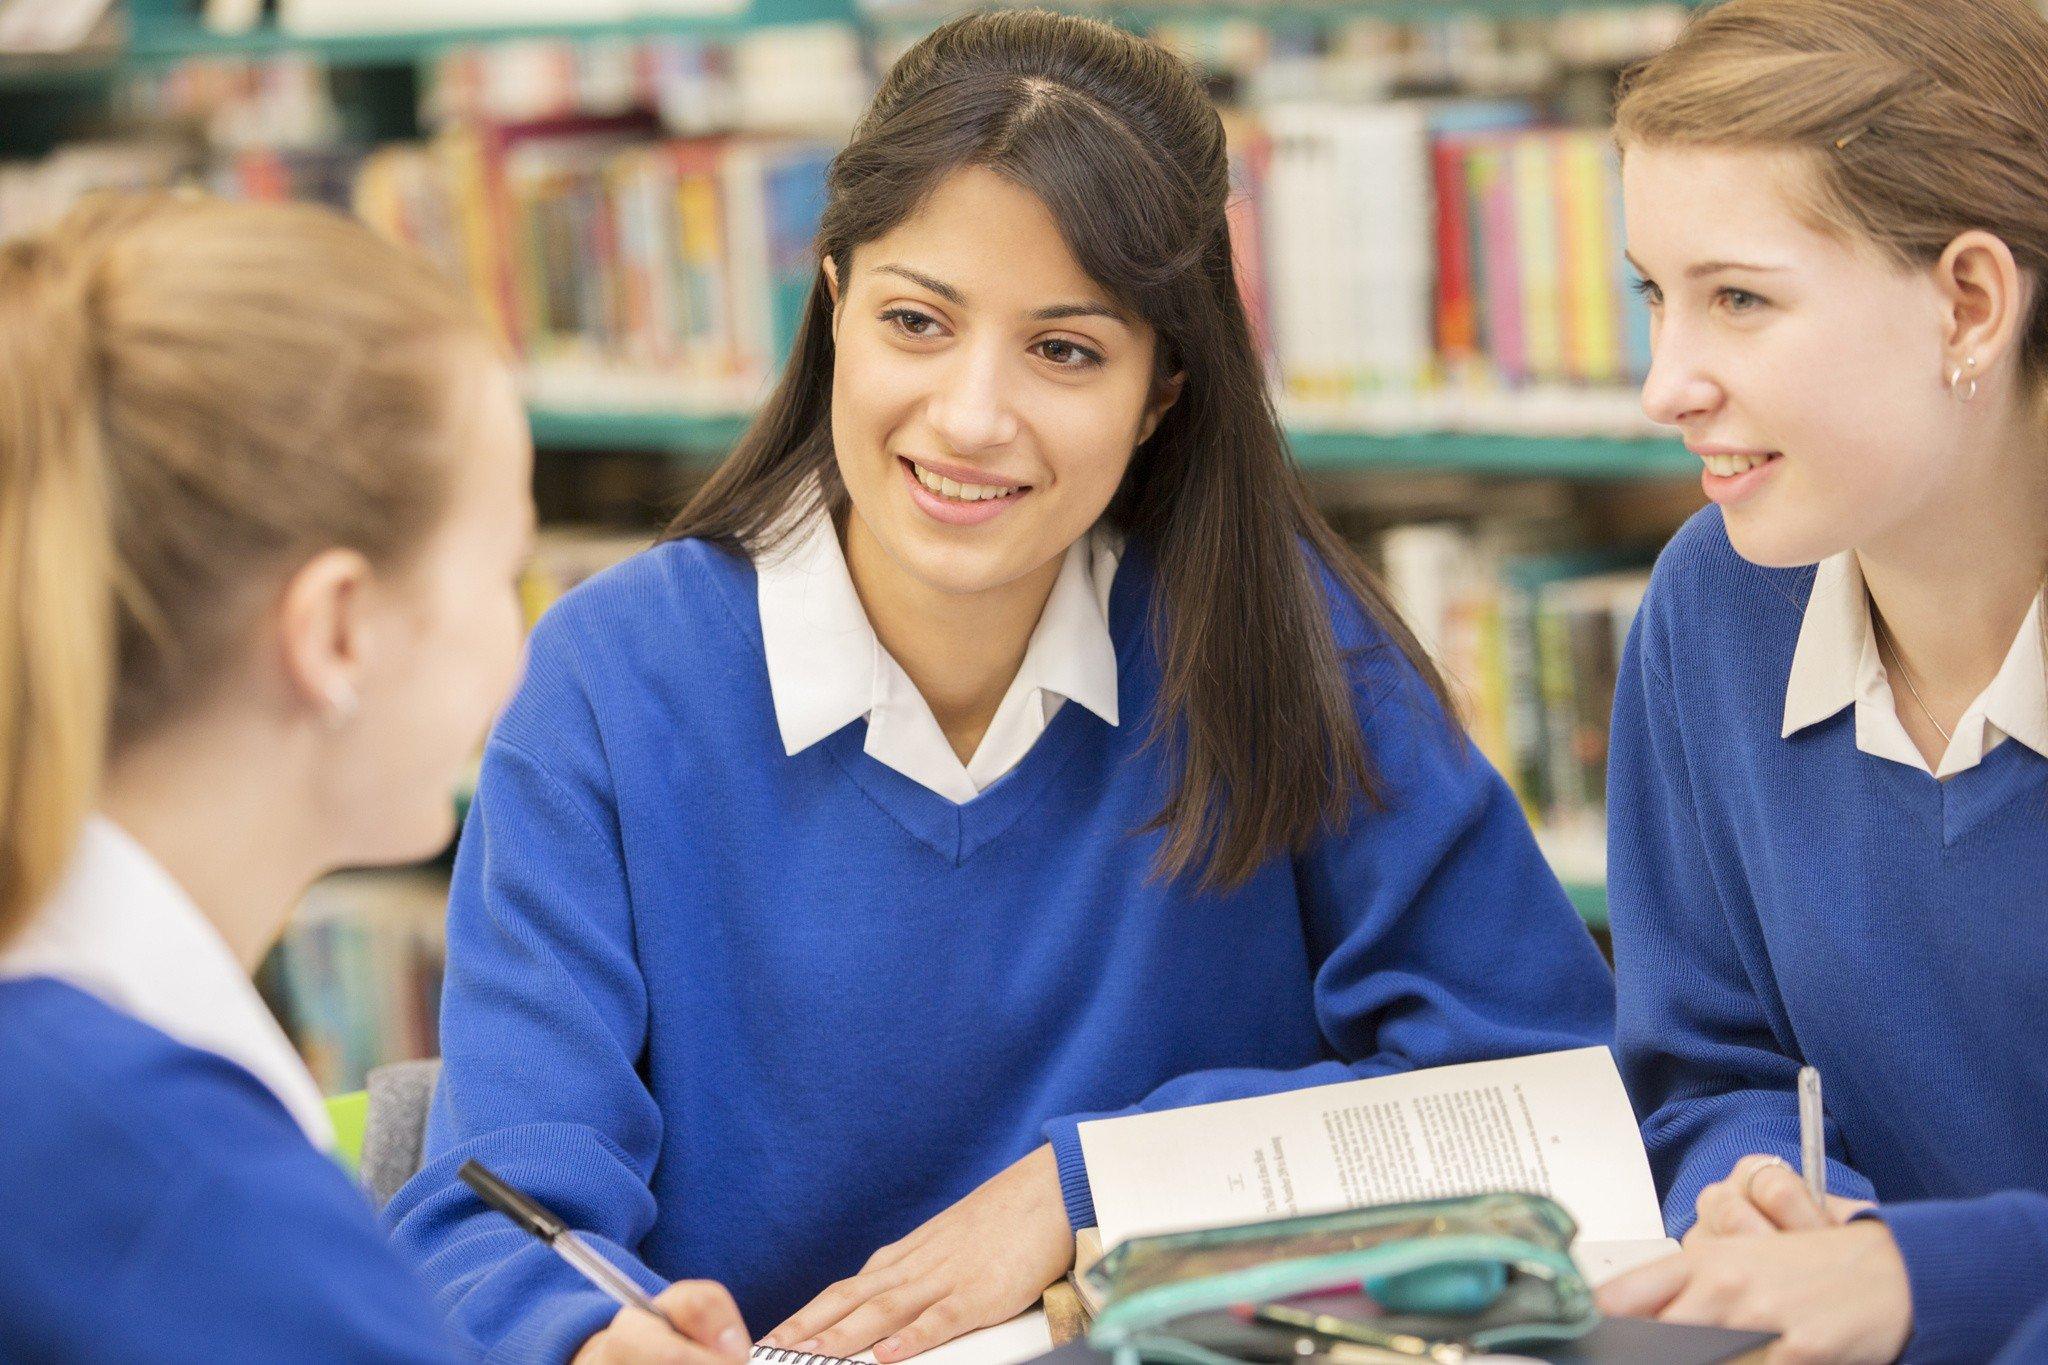 Du học Philippines không chỉ vì dở tiếng Anh